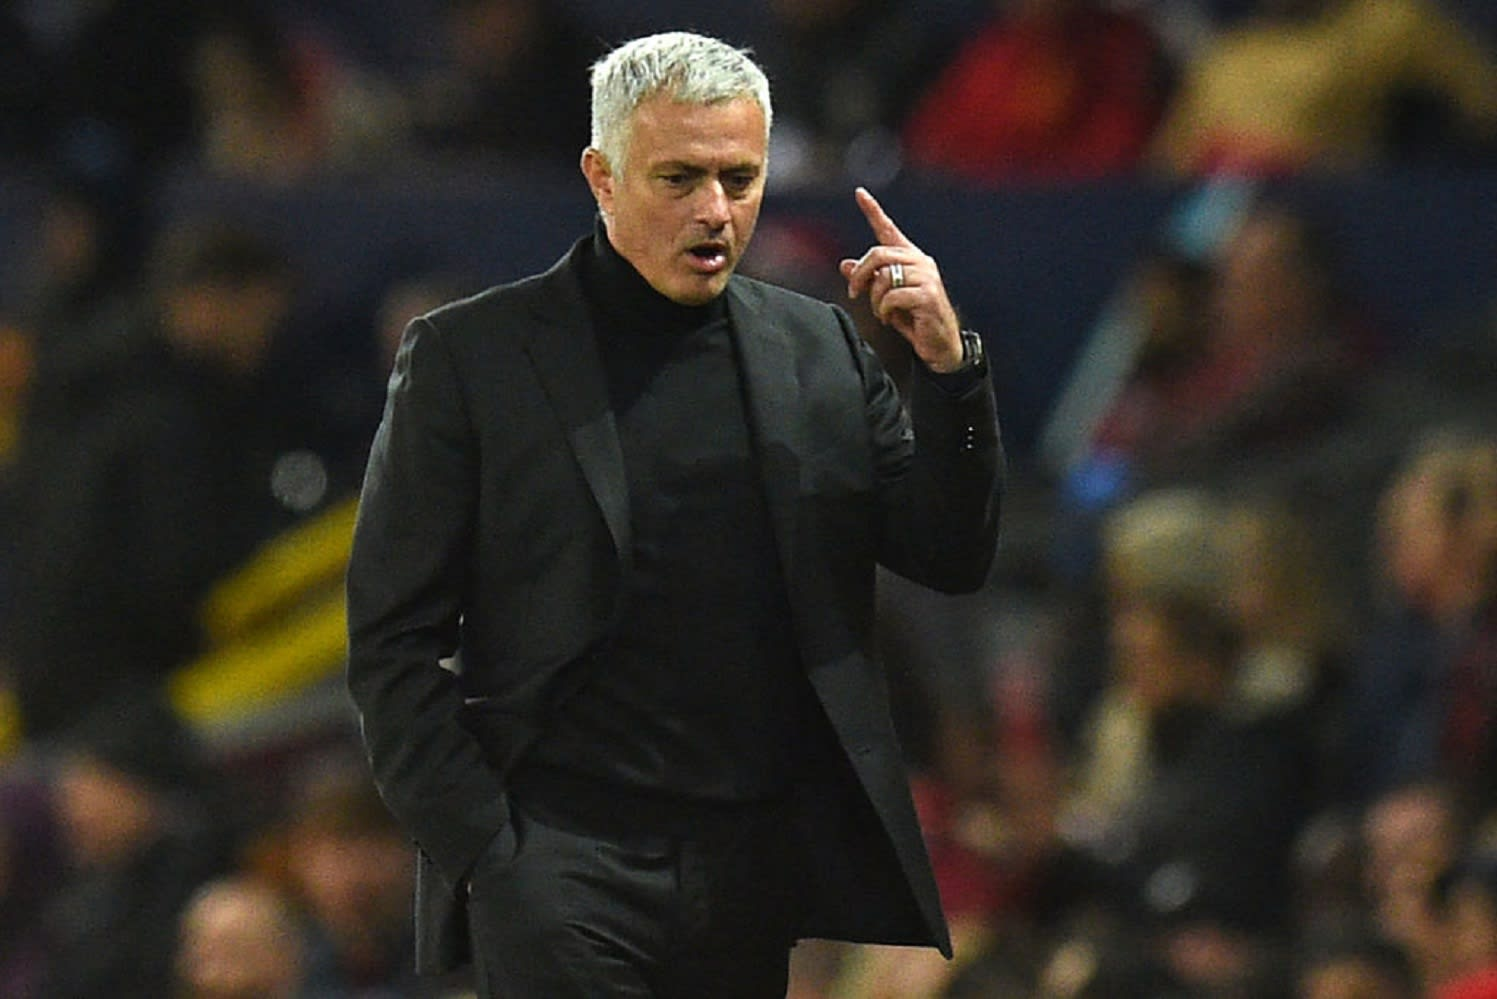 مورينهو يحسم الأمر بشأن ما تردد عن عودة إبراهيموفيتش إلى مانشستر يونايتد